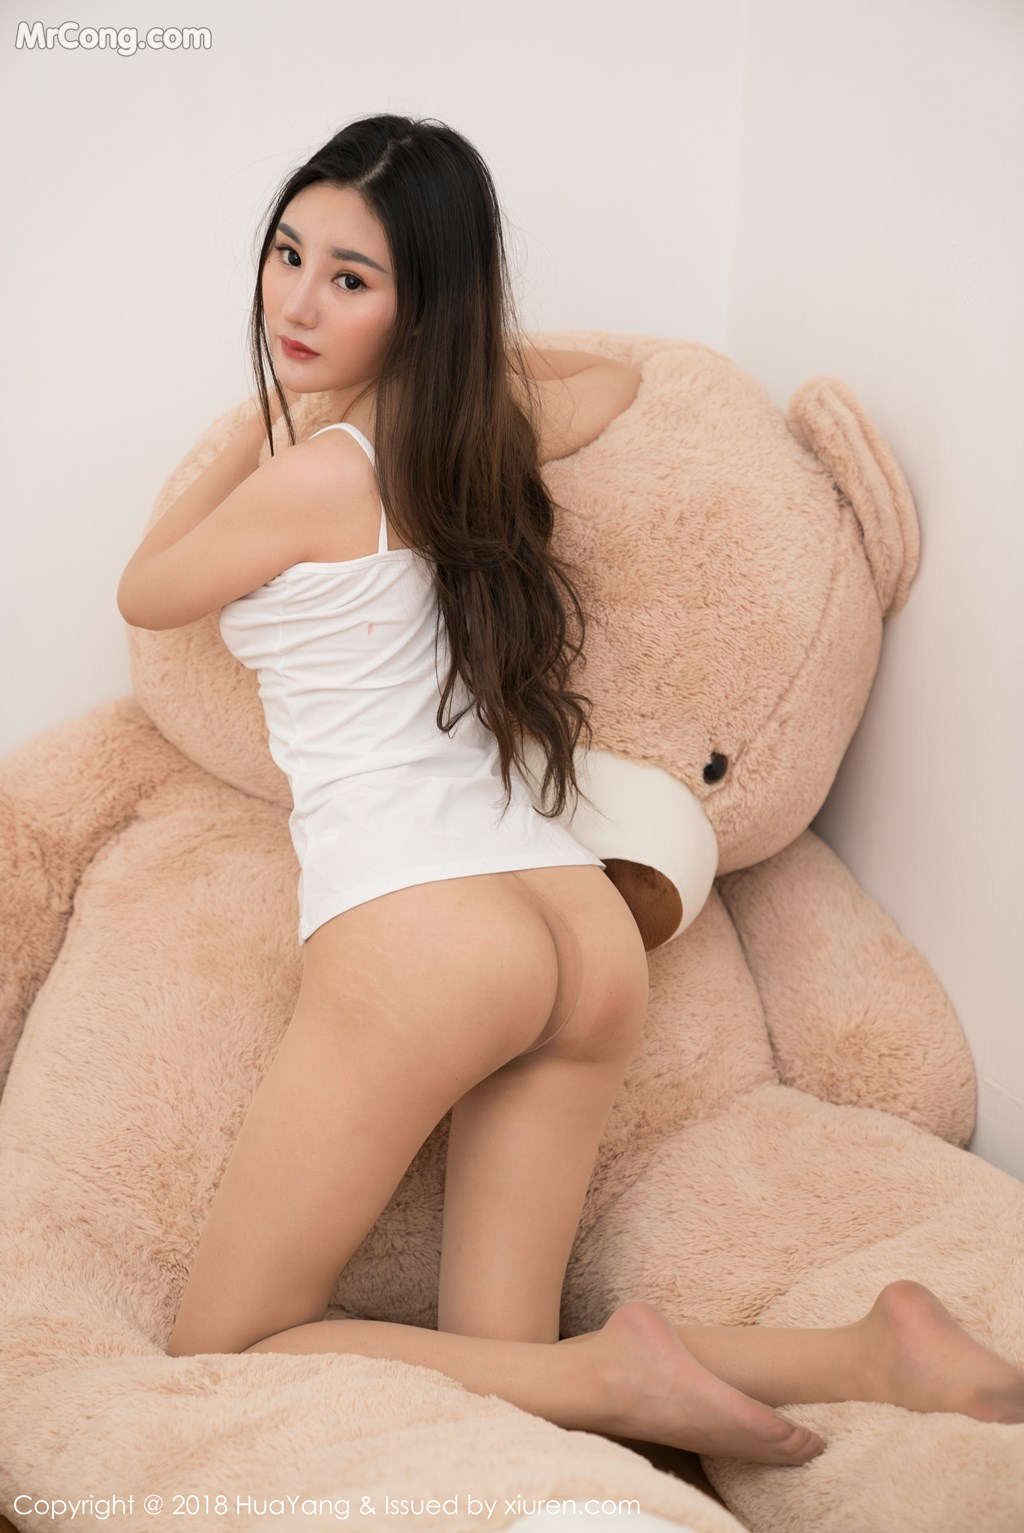 Image HuaYang-2018-03-02-Vol.034-Xiao-Tian-Xin-Candy-MrCong.com-031 in post HuaYang 2018-03-02 Vol.034: Người mẫu Xiao Tian Xin (小甜心Candy) (41 ảnh)